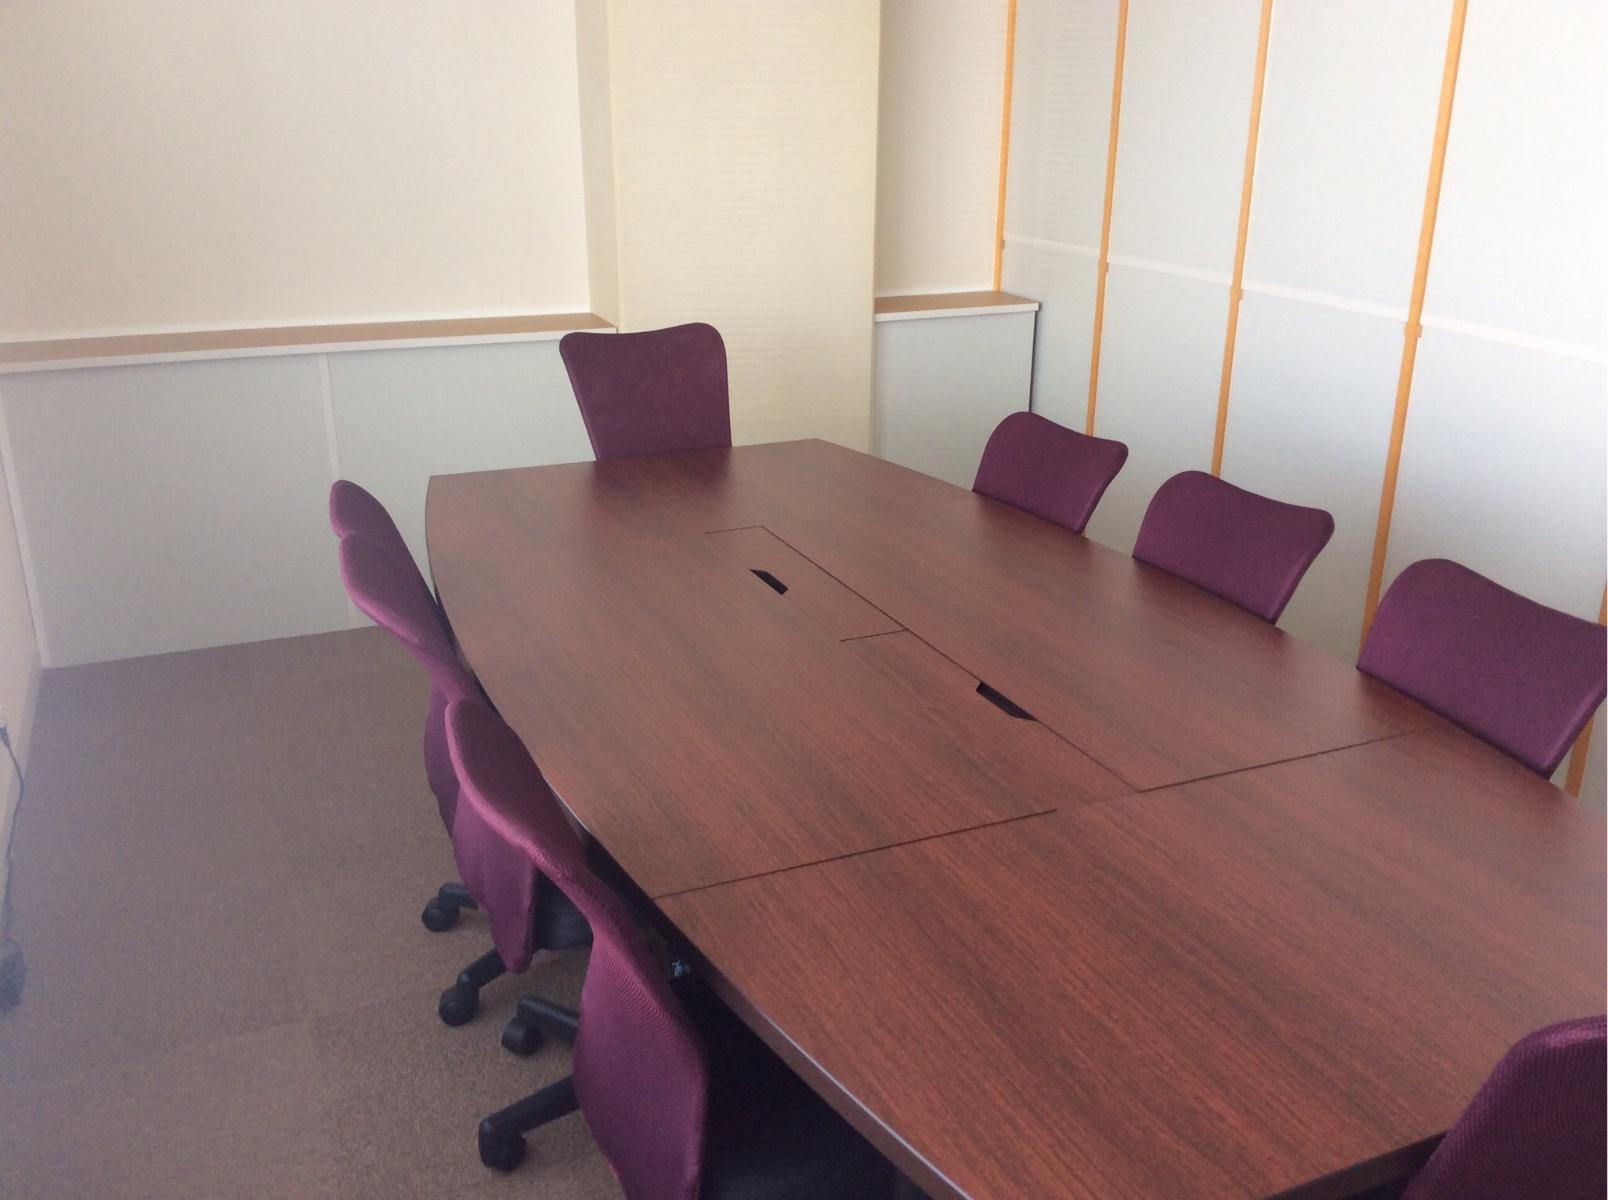 少人数での打ち合わせでご利用頂いているミーティングルームです。最大8名様までご利用ができます。